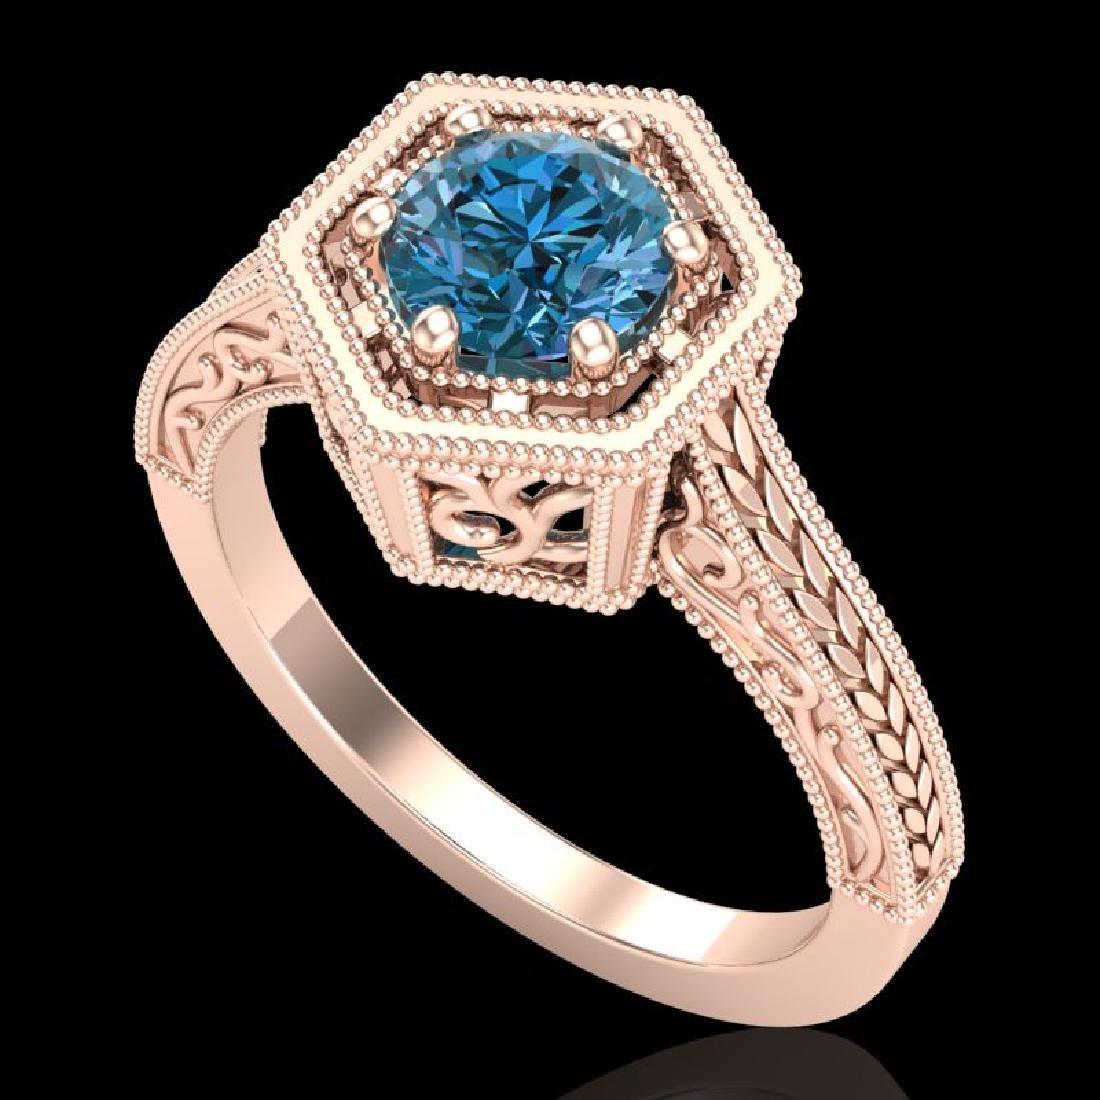 0.77 CTW Fancy Intense Blue Diamond Solitaire Art Deco